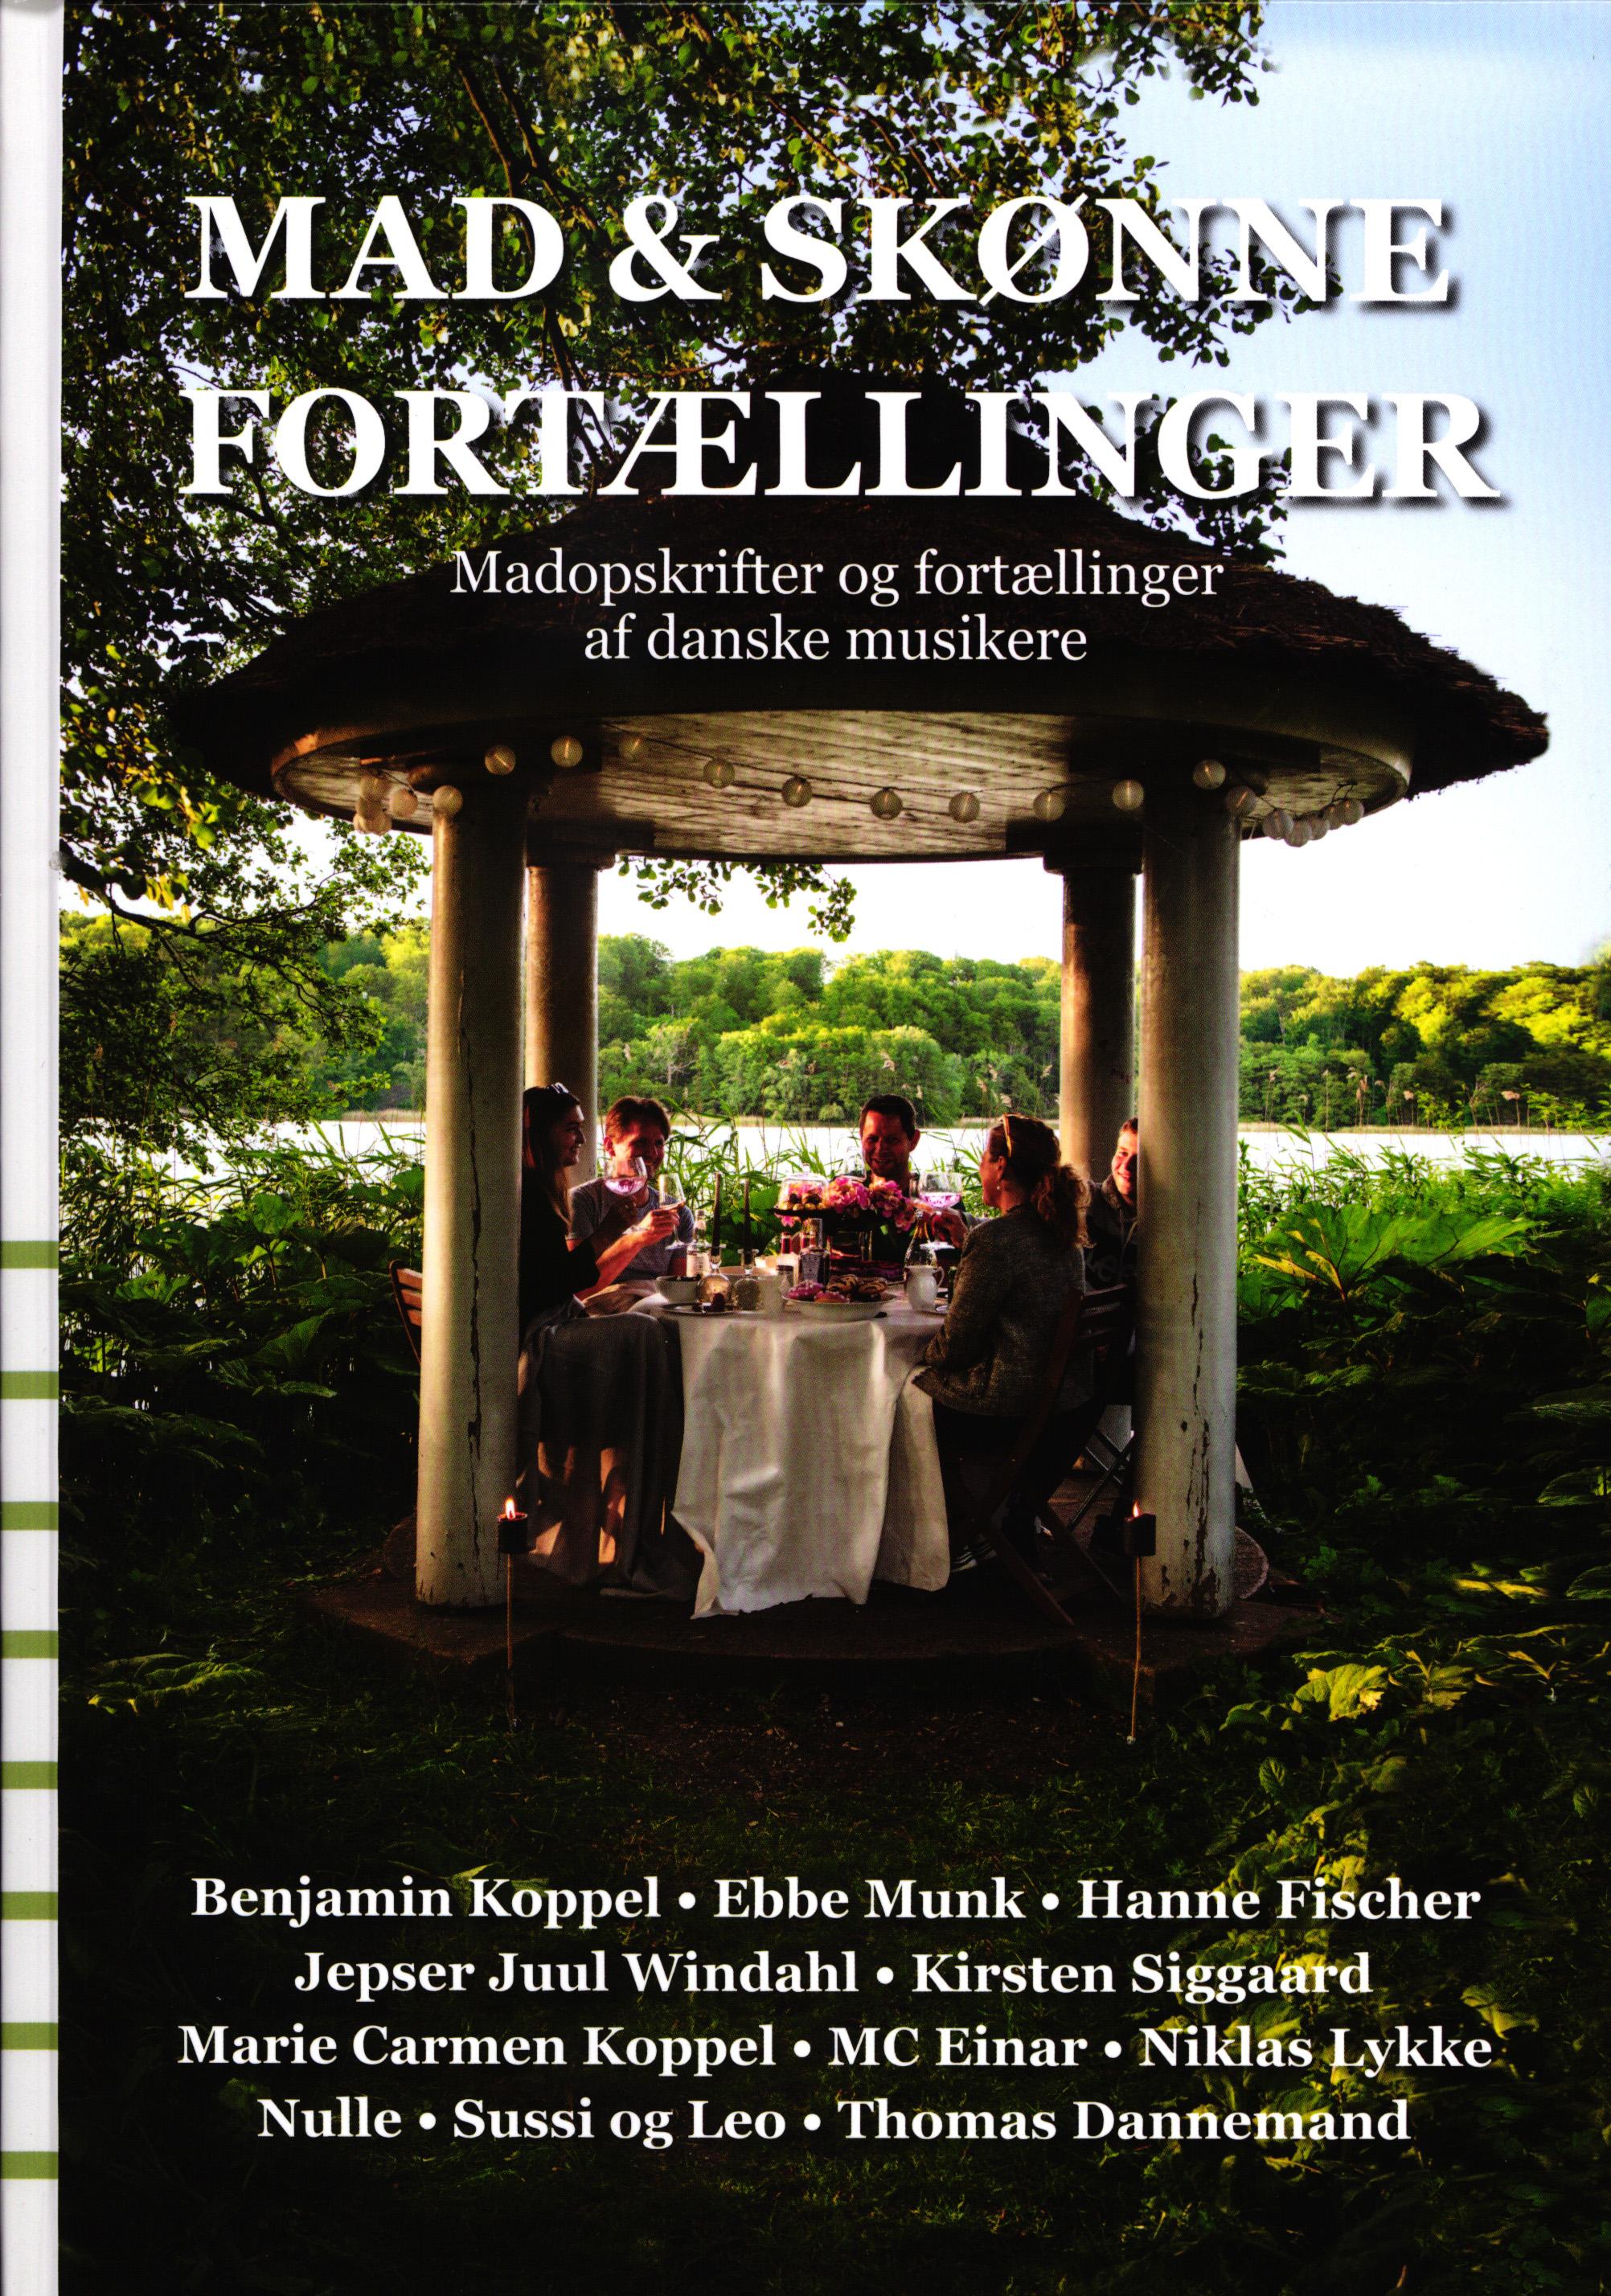 Mad og skønne fortællinger - Dorthe Poulsen - Bøger - Side Om Side ApS - 9788797270509 - 11/1-2021